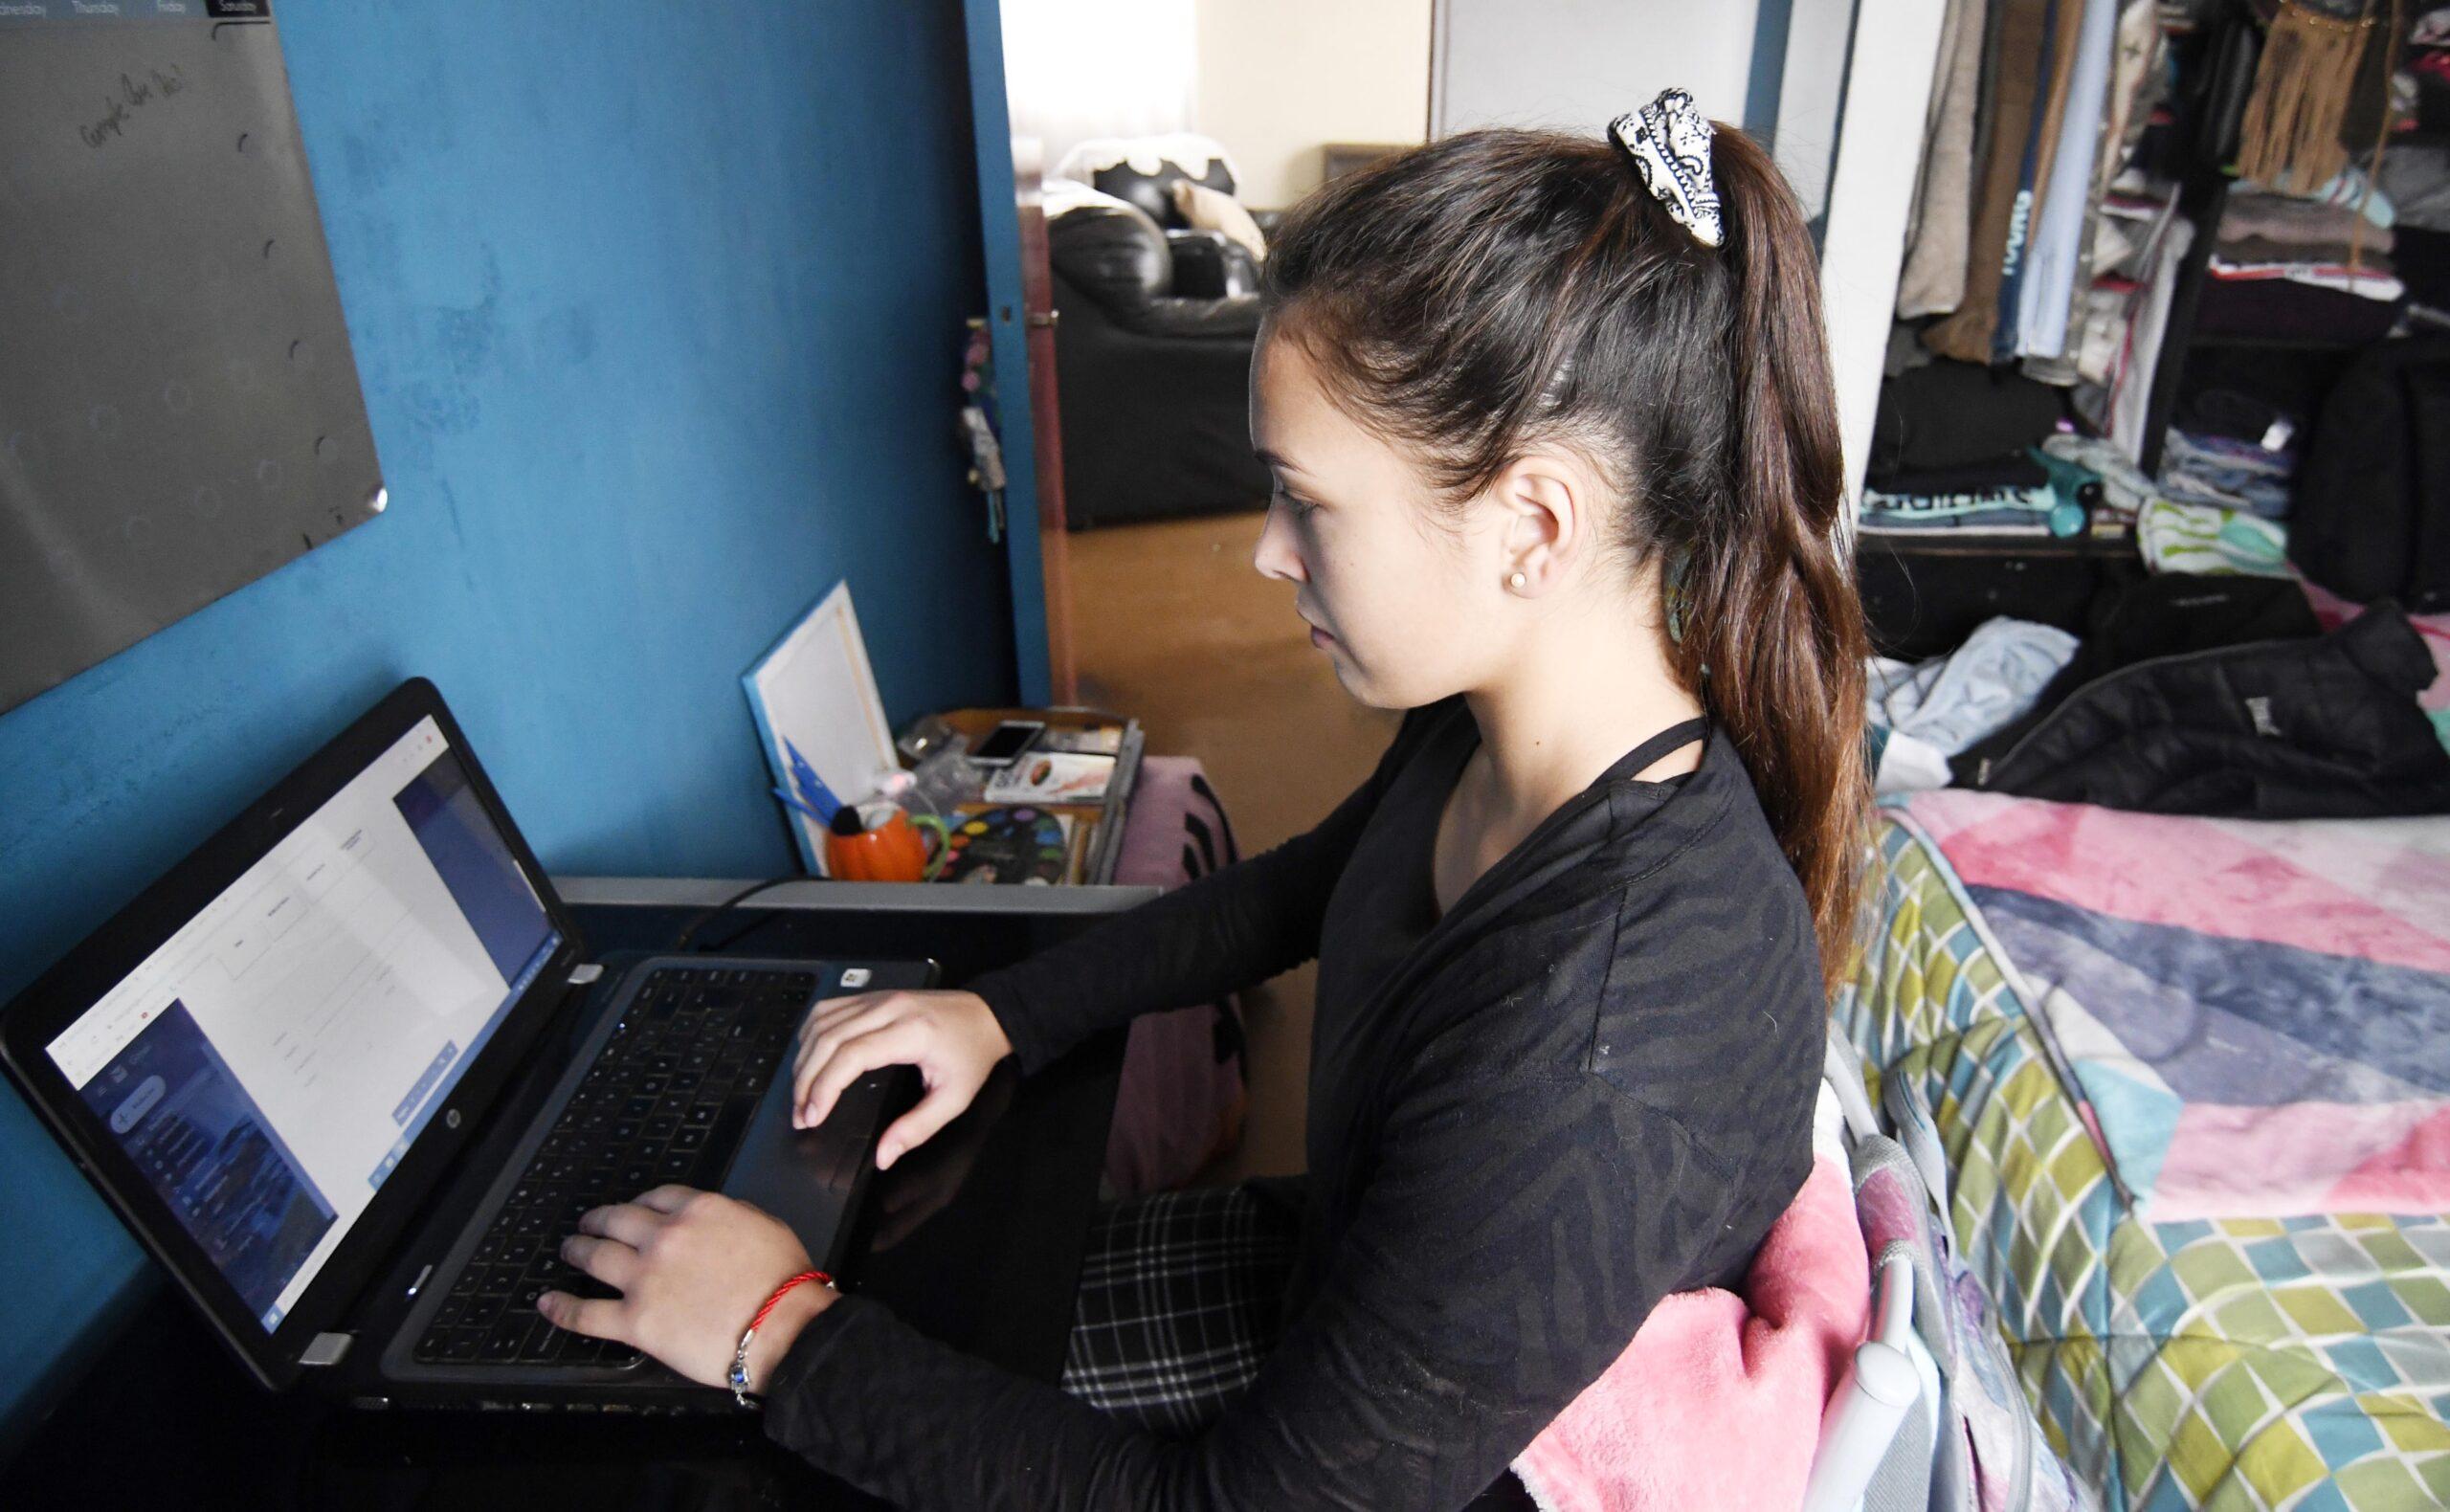 Cómo mantener motivados a los estudiantes frente a las clases online